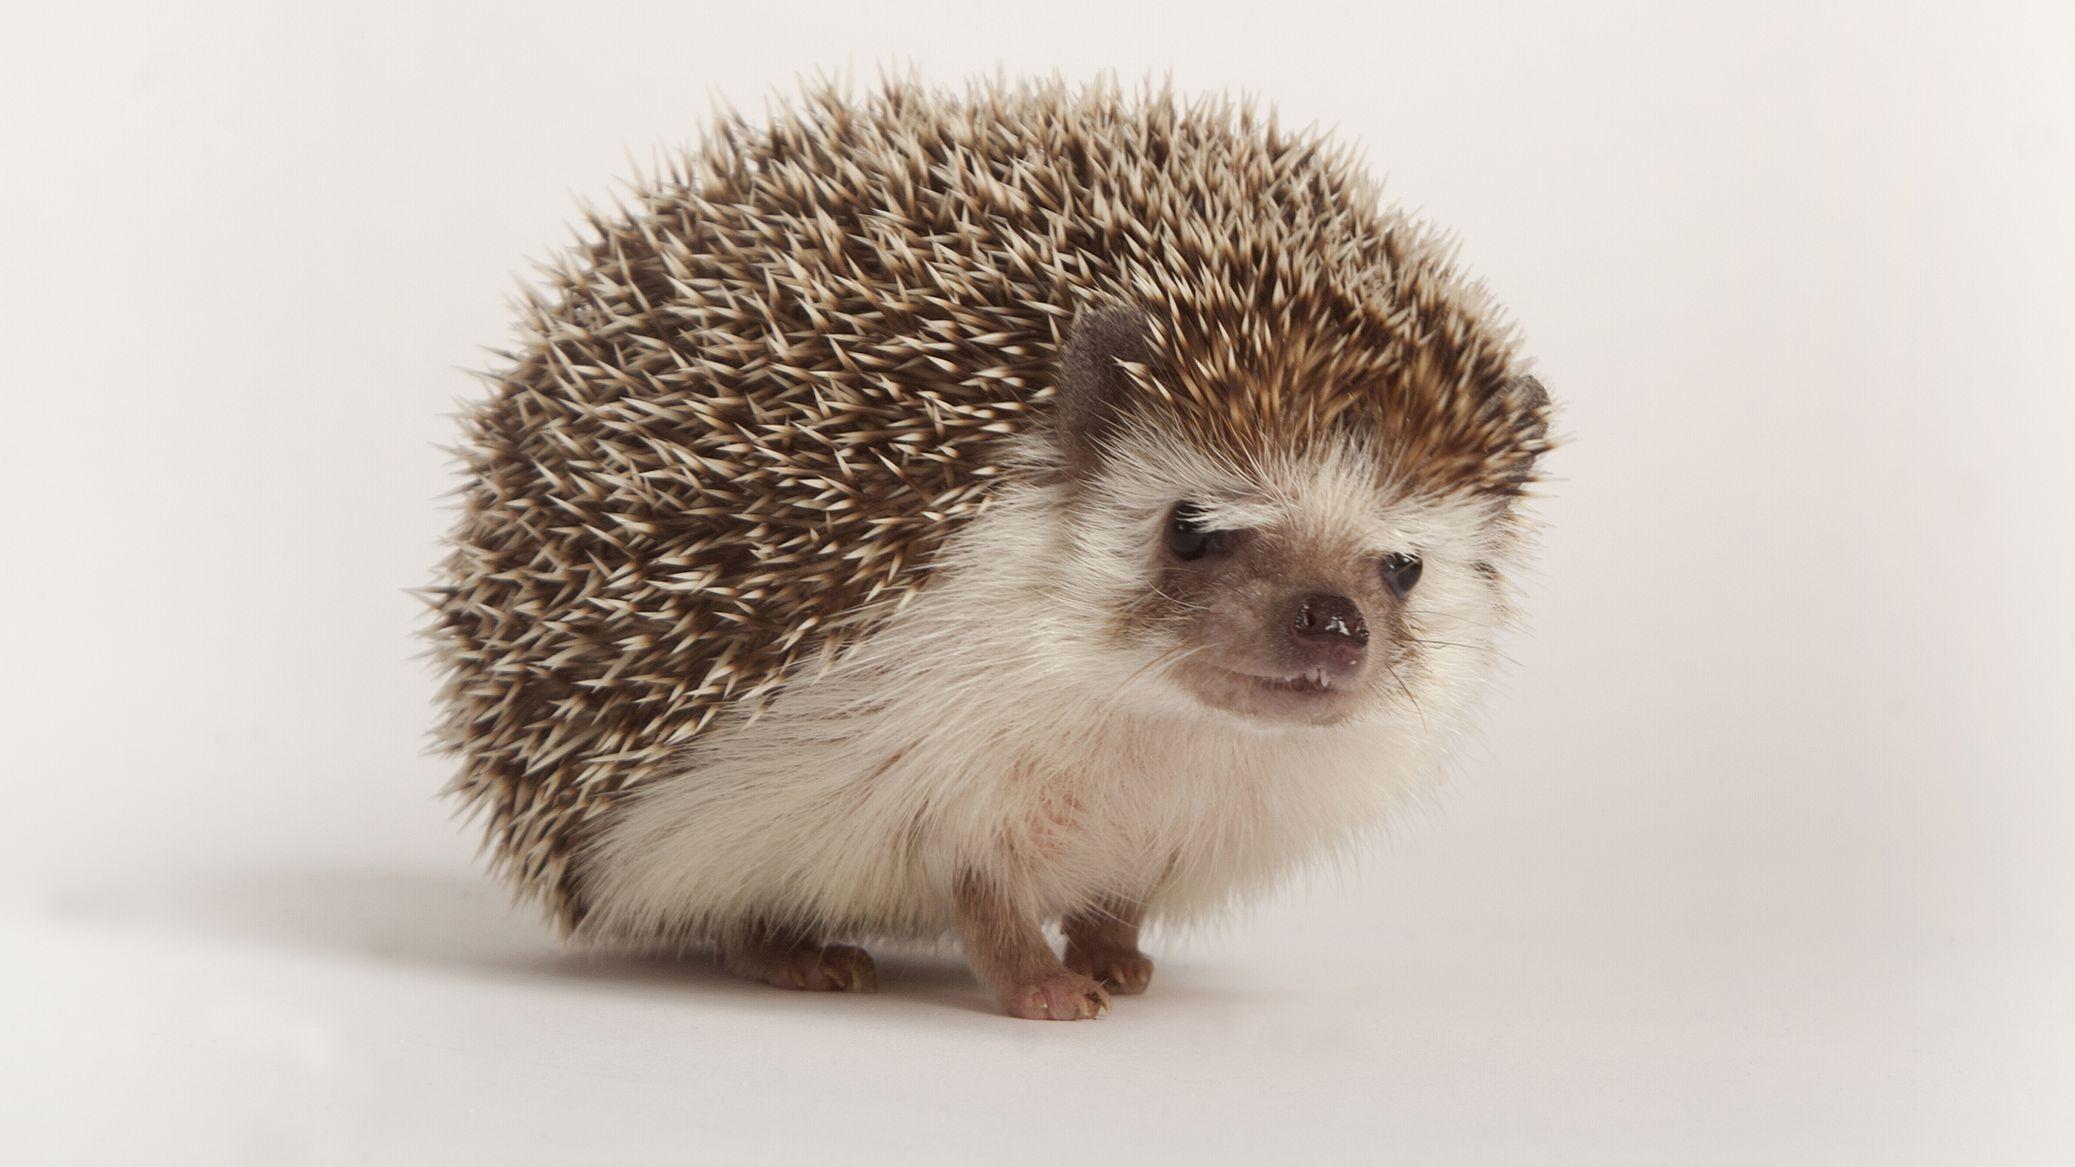 How To Care For Pet Hedgehogs Basic Hedgehog Care Guide